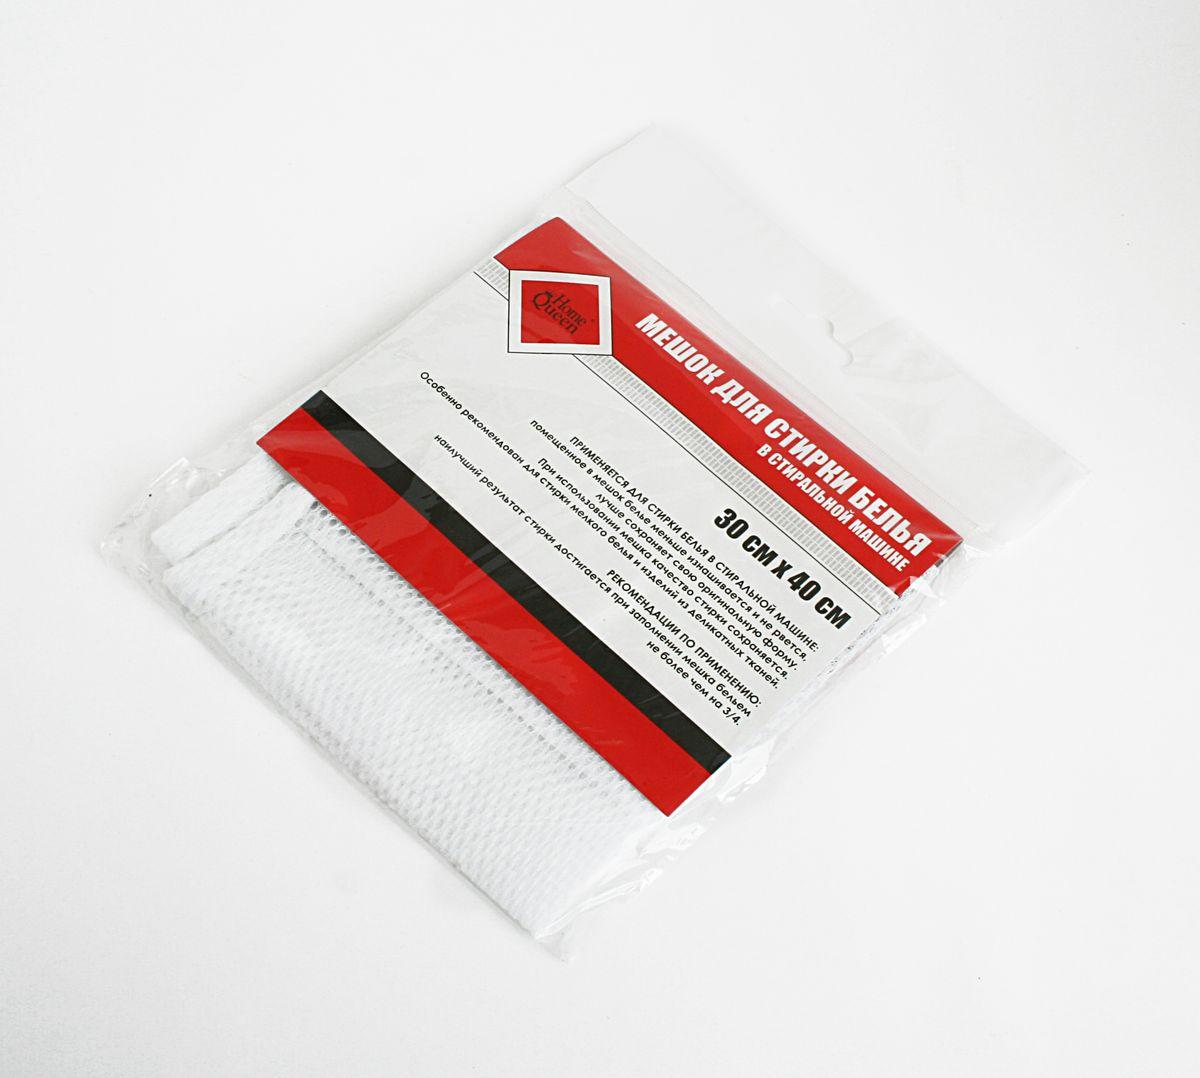 Мешок для стирки белья Home Queen, цвет: белый, 30 см х 40 смPANTERA SPX-2RSМешок Home Queen на молнии для стирки белья изготовлен из полиэстера. Применяется для стирки белья в стиральной машине. При использовании мешка качество стирки сохраняется. Оптимальный результат стирки достигается при заполнении мешка не более чем на 3/4. Помещенное в мешок белье меньше изнашивается и не рвется, лучше сохраняет свою оригинальную форму. Изделие особенно рекомендовано для стирки мелкого белья и изделий из деликатных тканей.Мешок Home Queen идеален для предотвращения попадания мелких предметов (пуговиц, ниток, кнопок) в механизм стиральной машины.Размер: 30 см х 40 см.